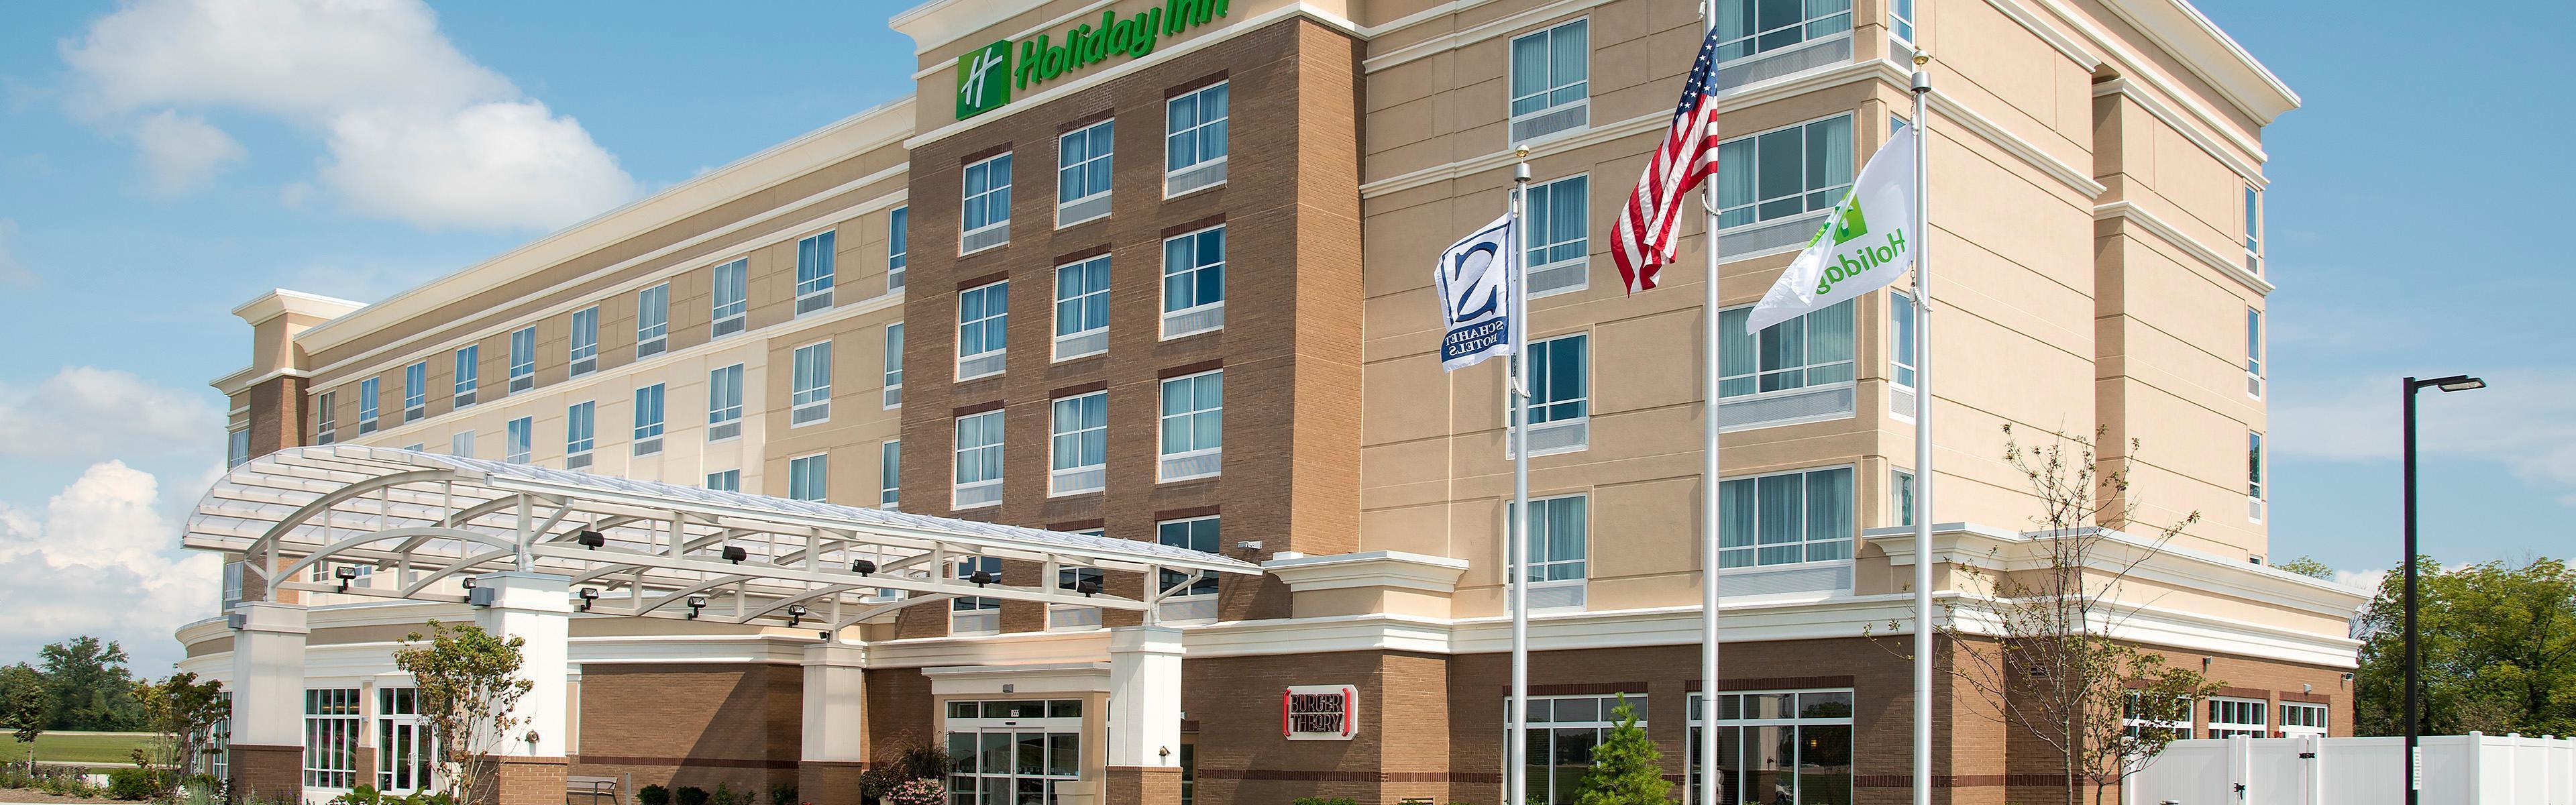 Motels On West Washington Street Indianapolis